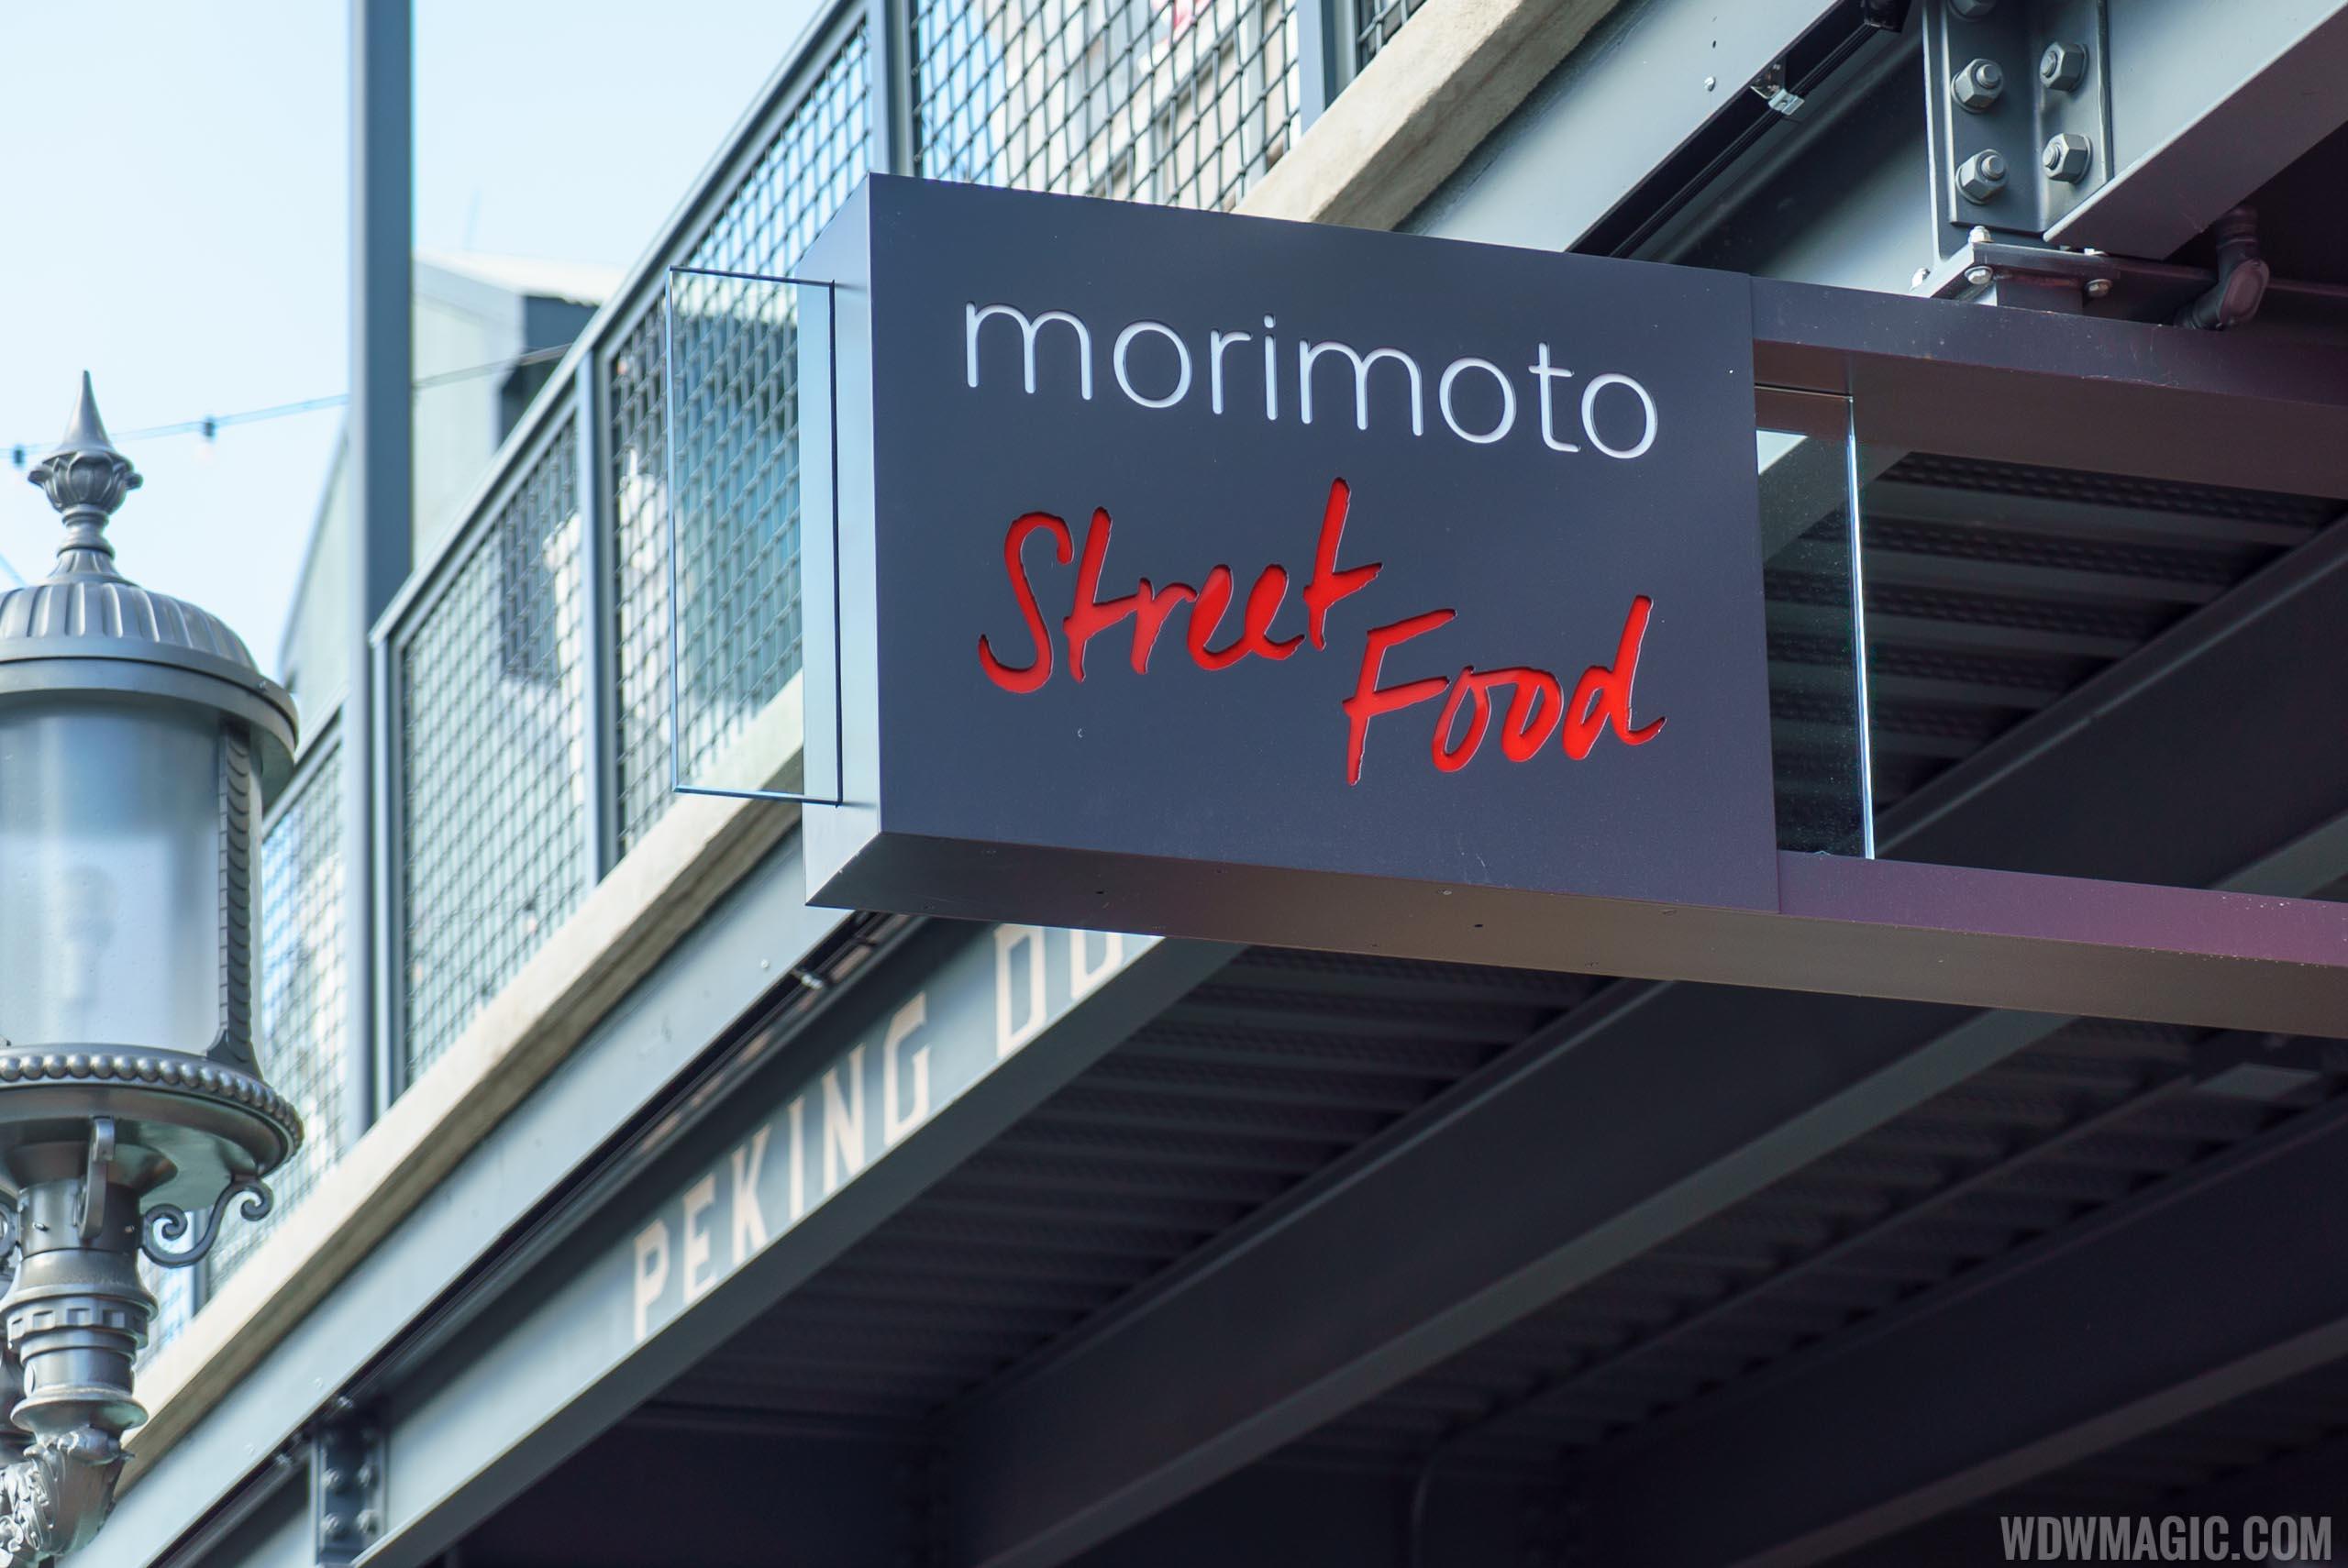 Morimoto Street Food sign